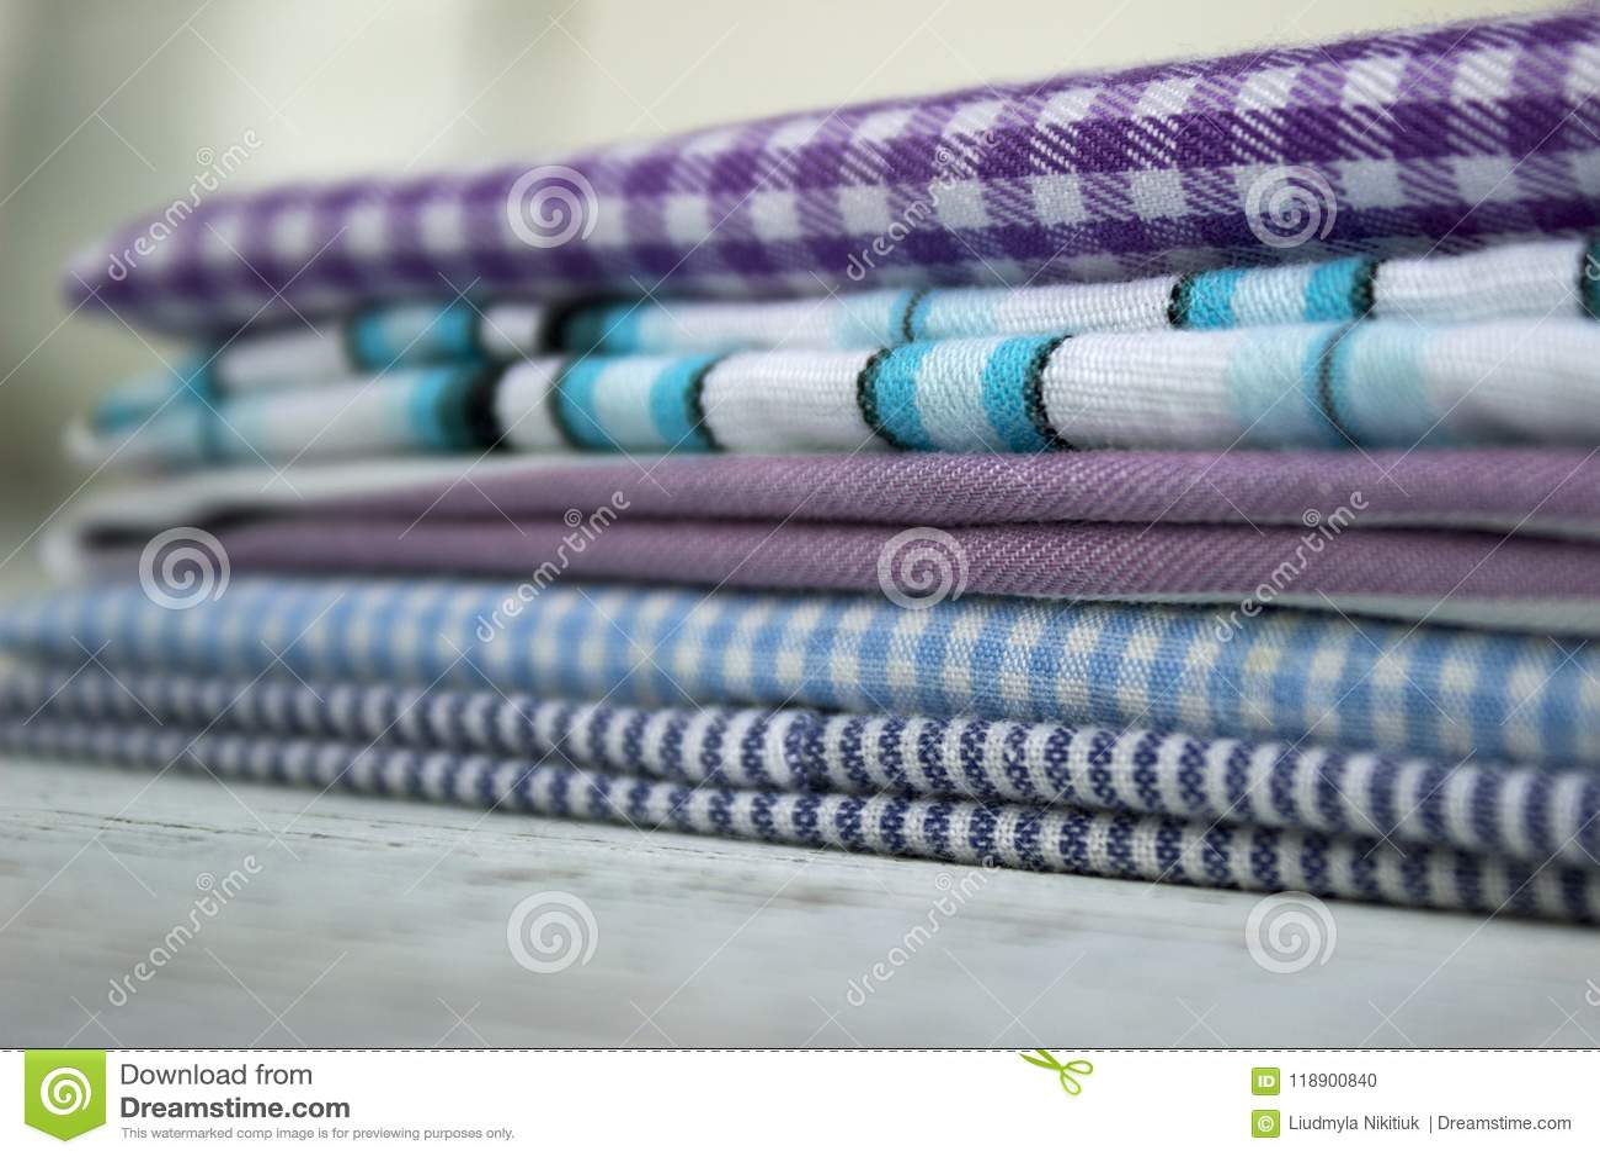 Molti generi di tessuti di cotone in bande e di gabbia su un fondo lilla